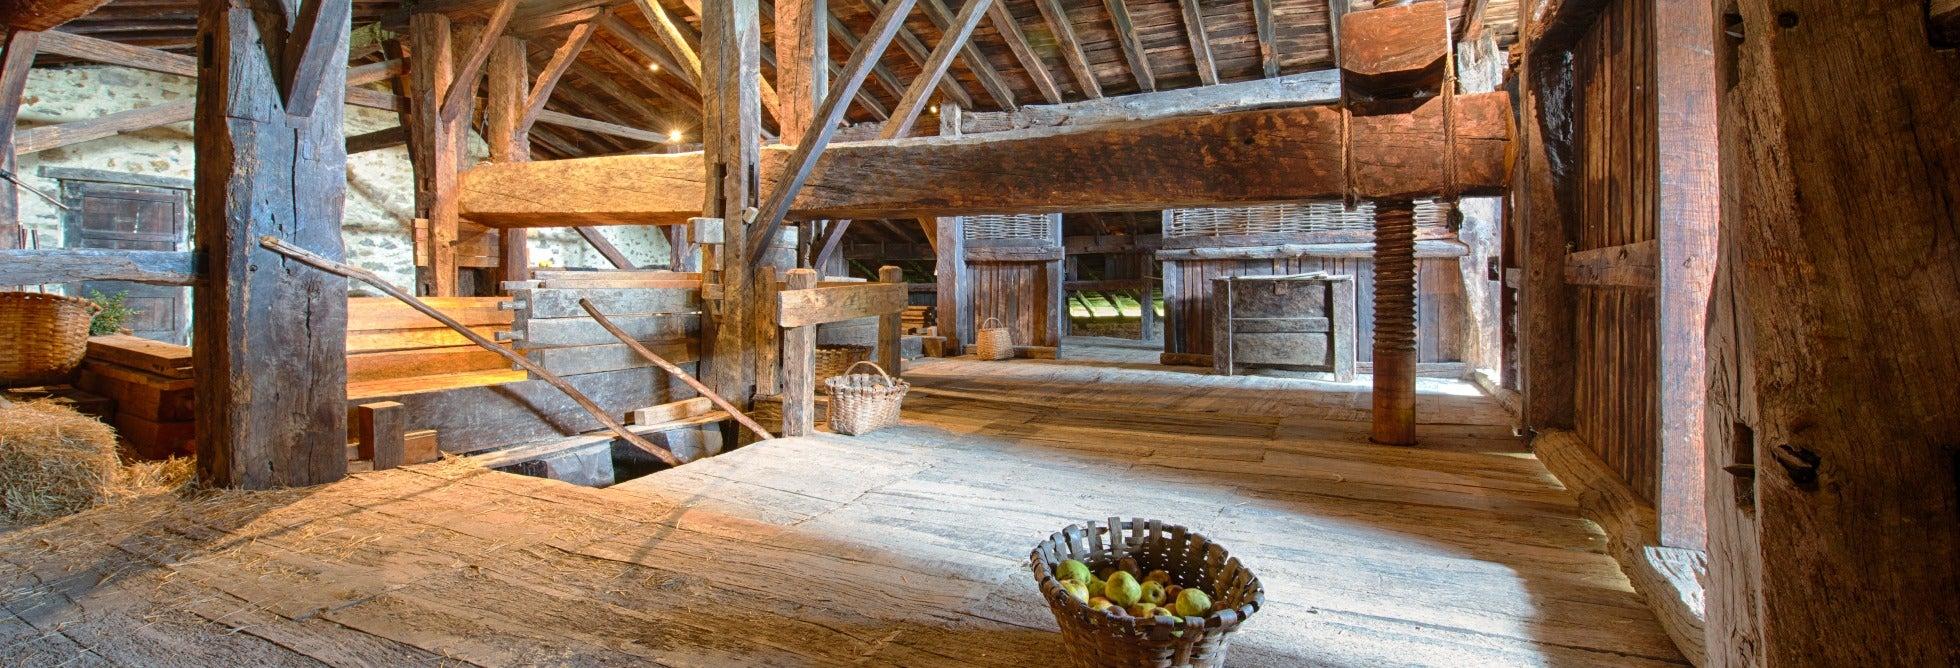 Excursión a un caserío vasco y a una sidrería